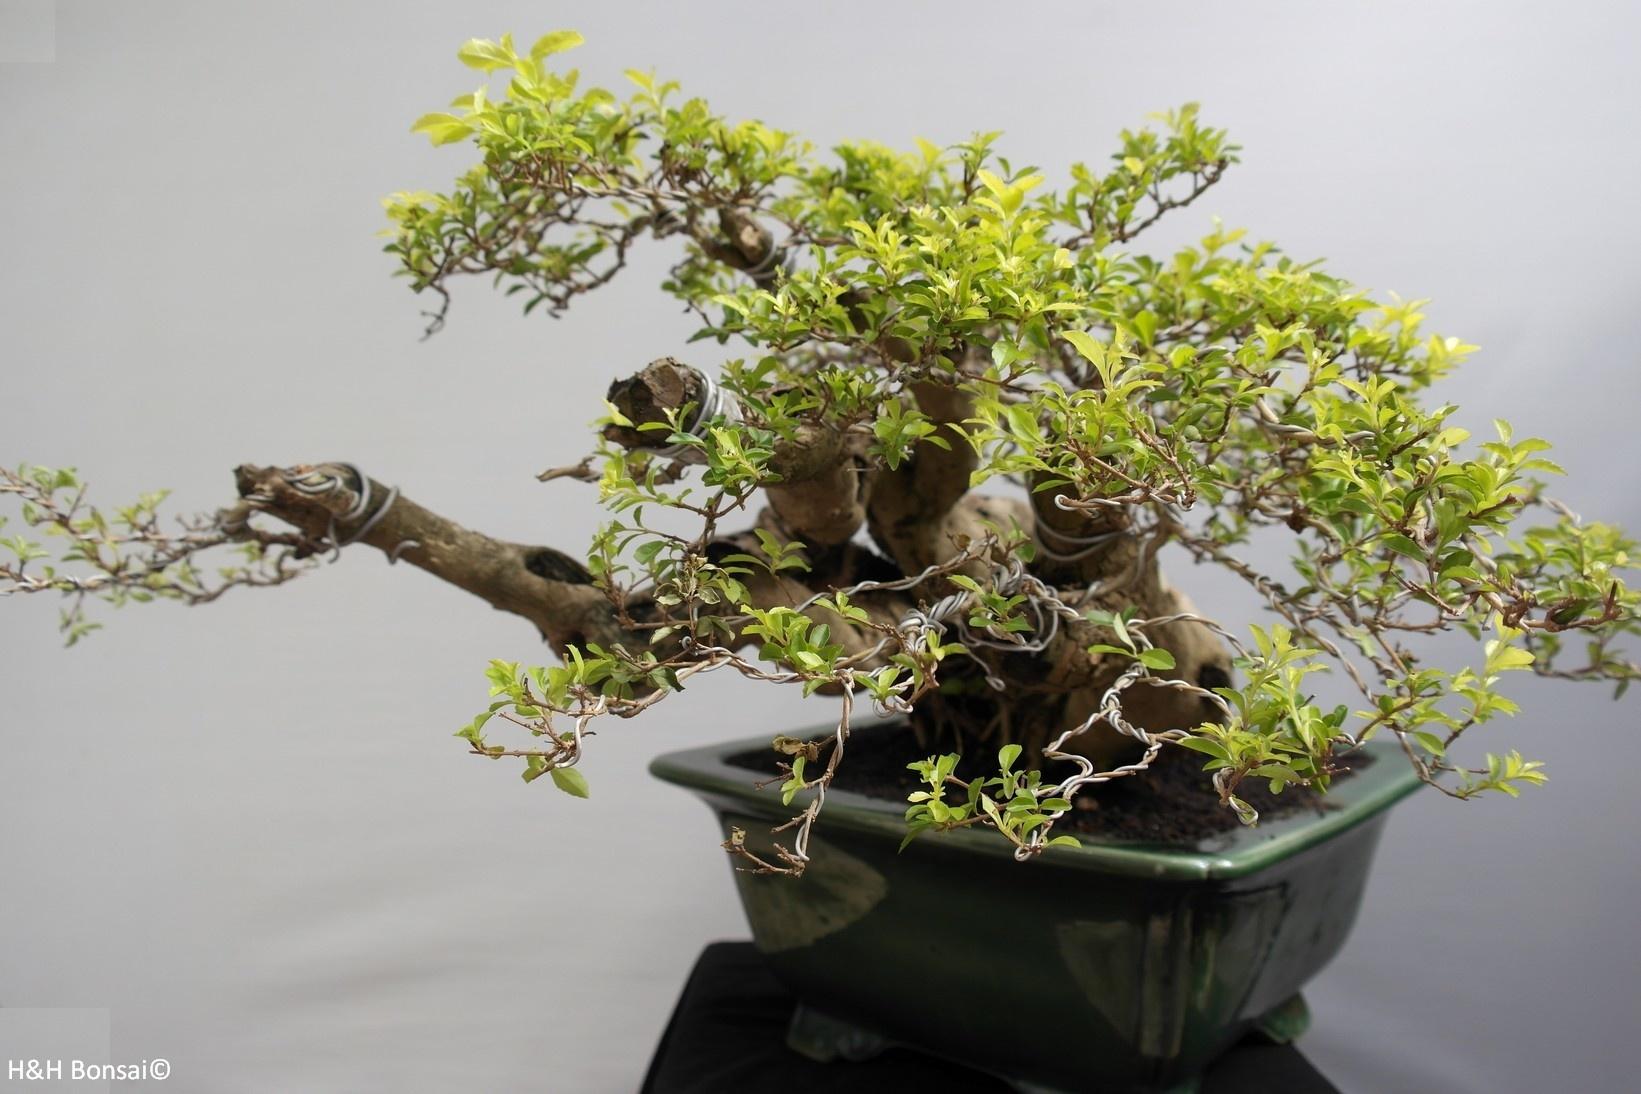 Bonsai Taubenbeere, Duranta, nr. 7854